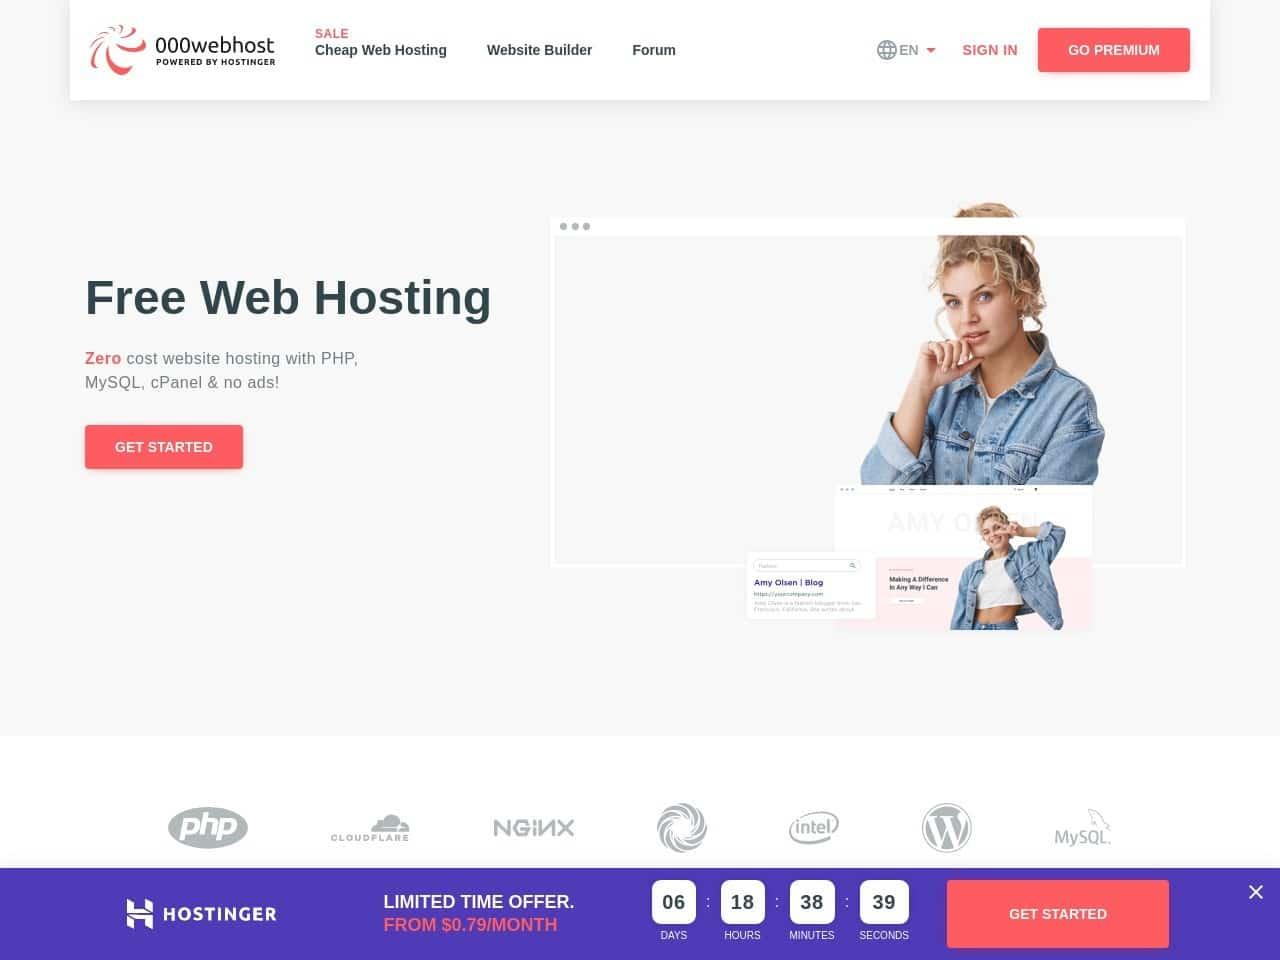 000webhost homepage